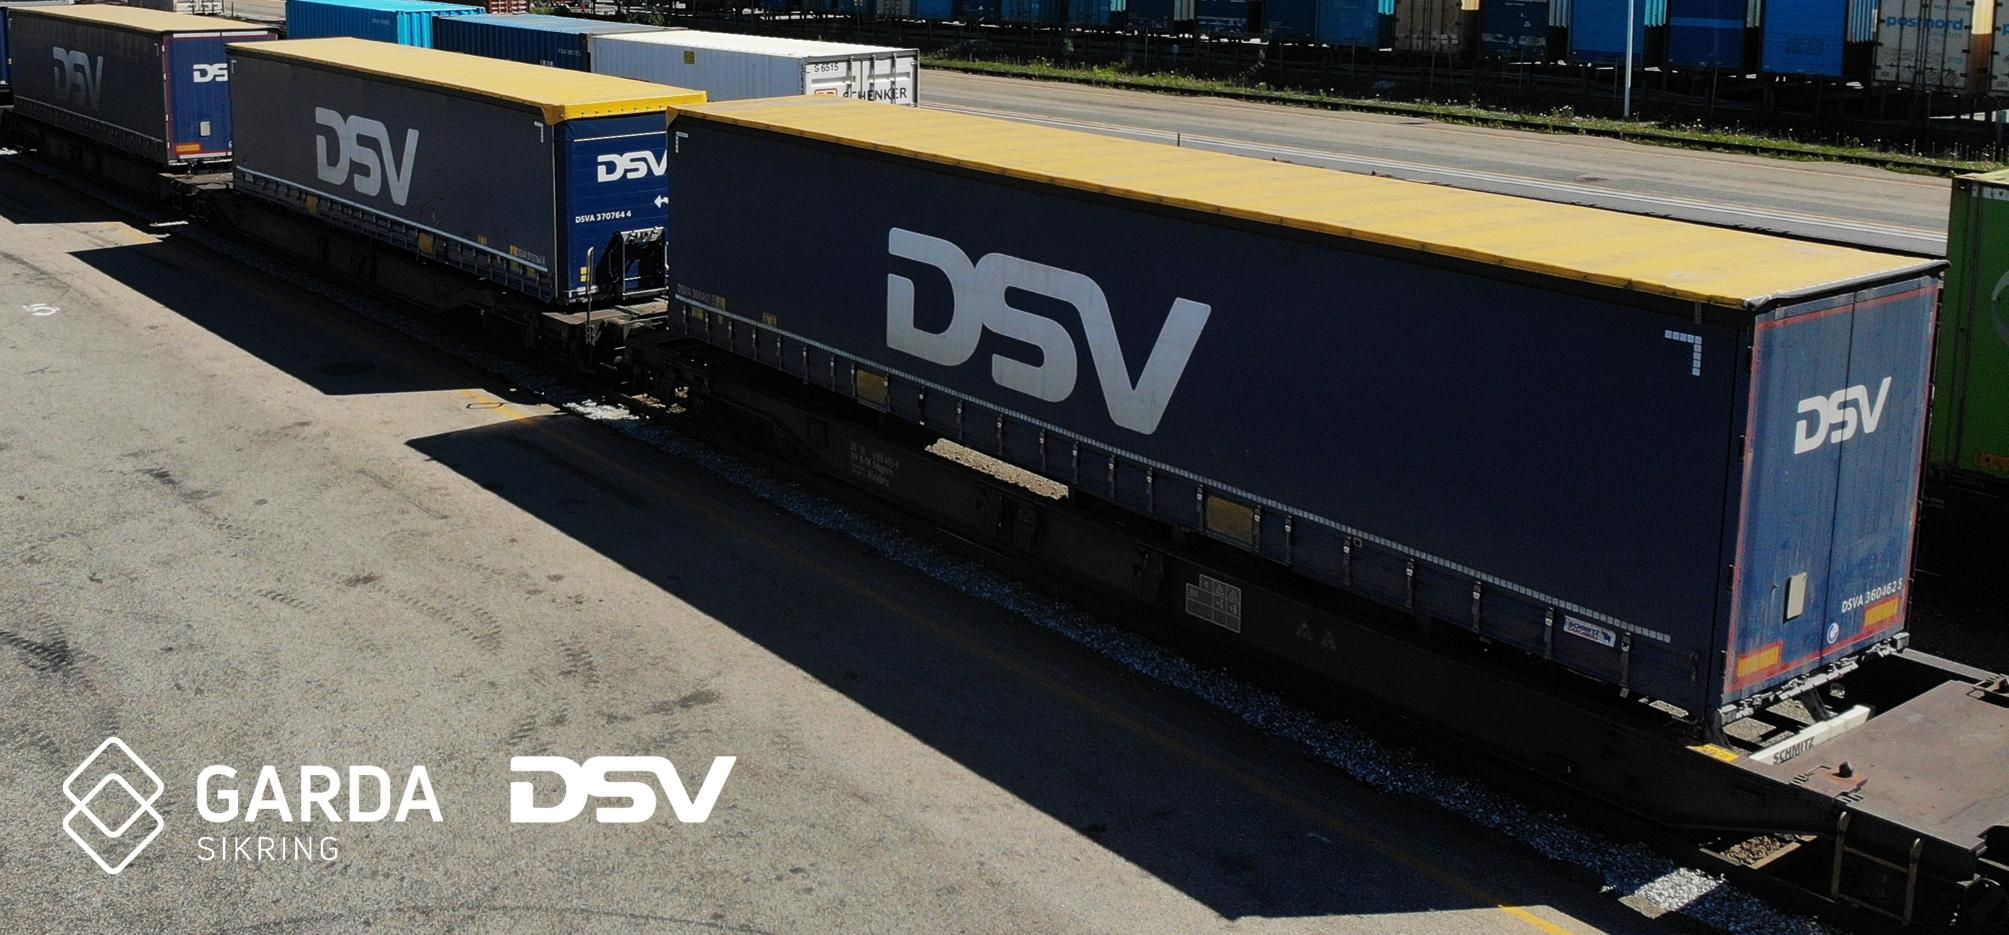 DSV og Garda anleggsikring